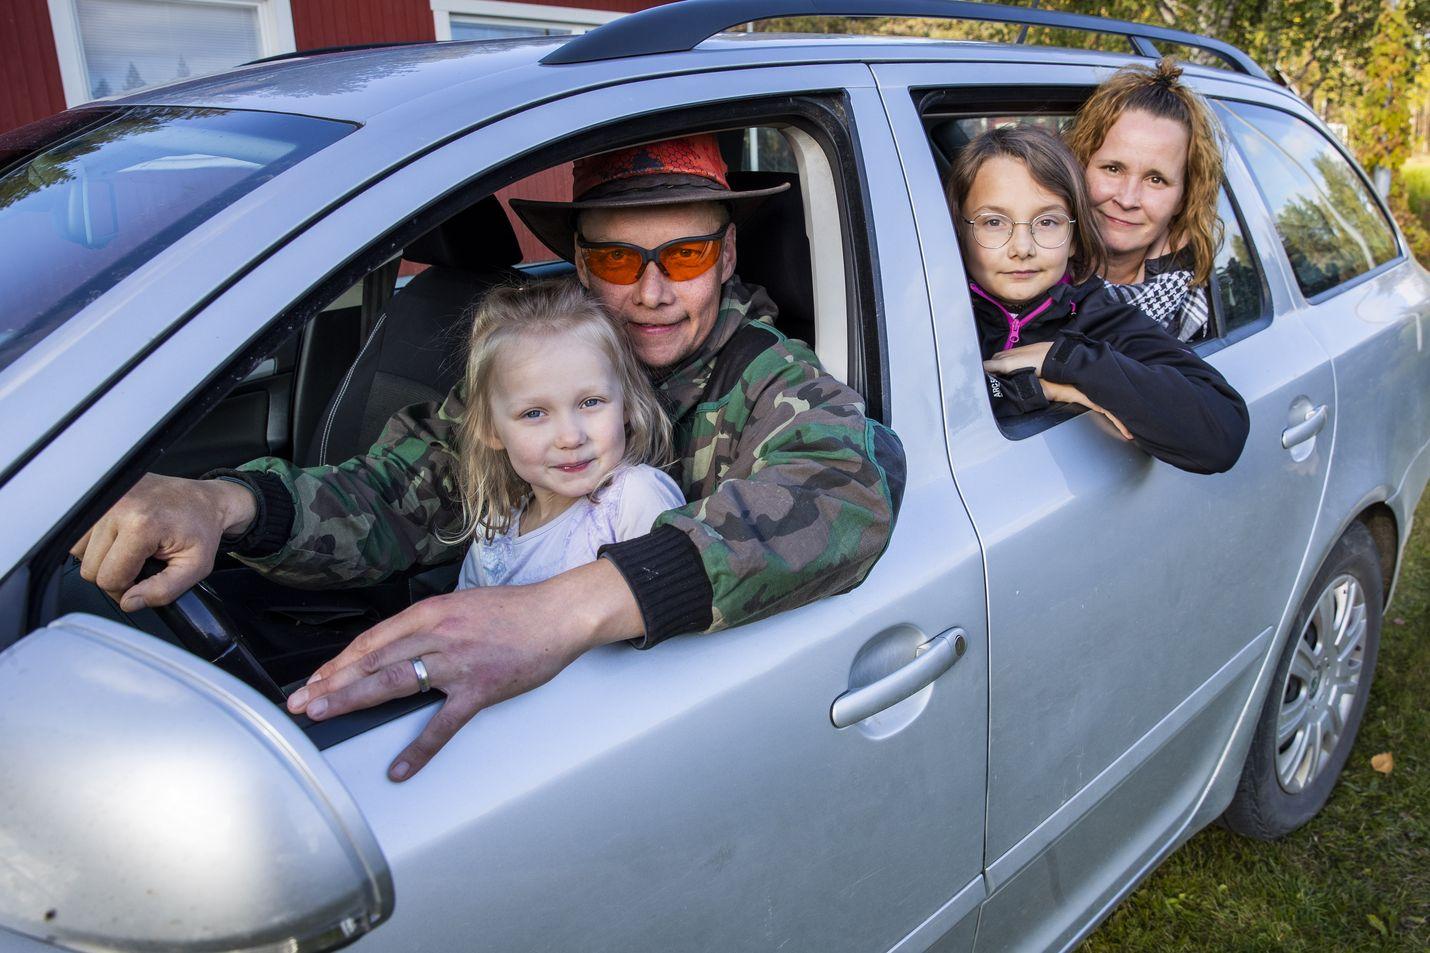 Kilpimaan perhe asui aikaisemmin Espoossa, jossa pärjää ilman autoakin, mutta Savukoskella ei. Mikko-isän sylissä kuopus Minka, takapenkillä Joanna ja äiti Johanna Kilpimaa.